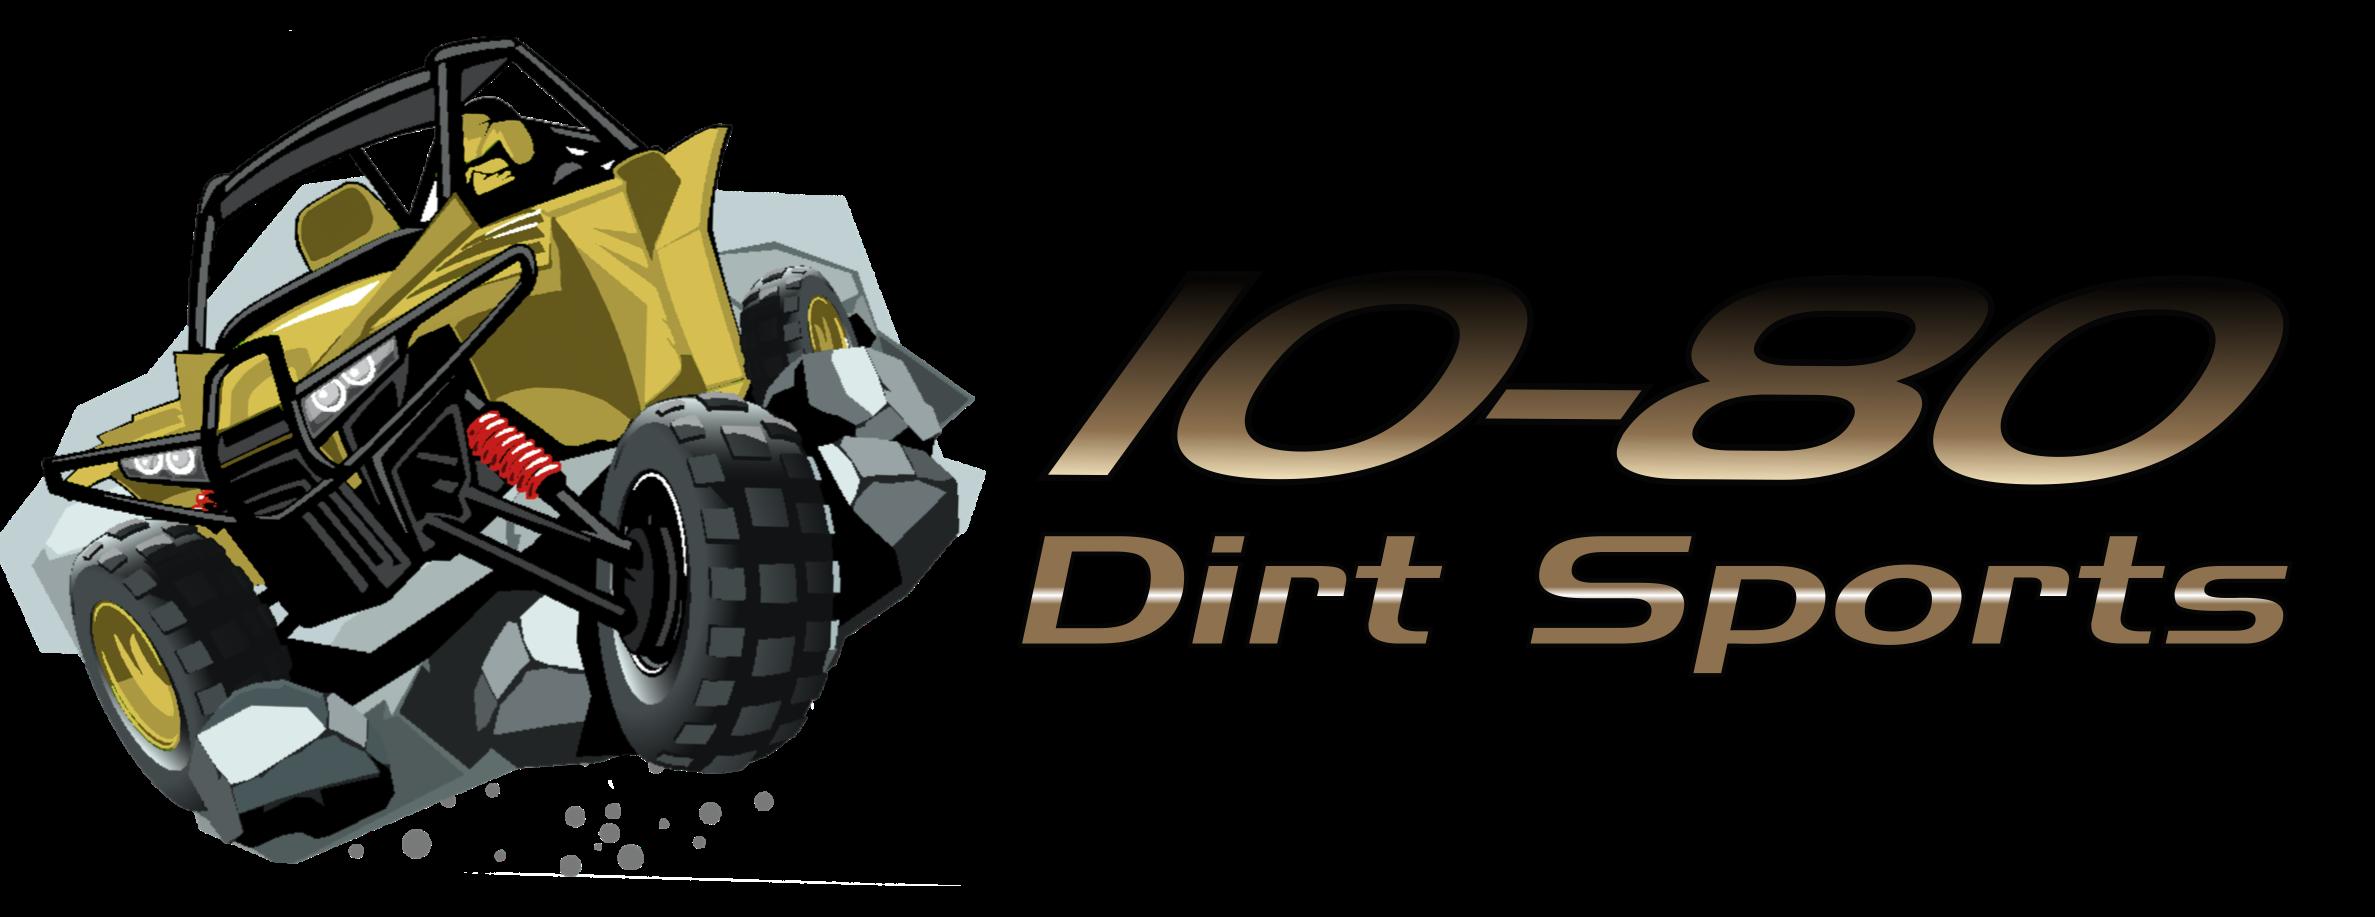 www.10-80dirtsports.com